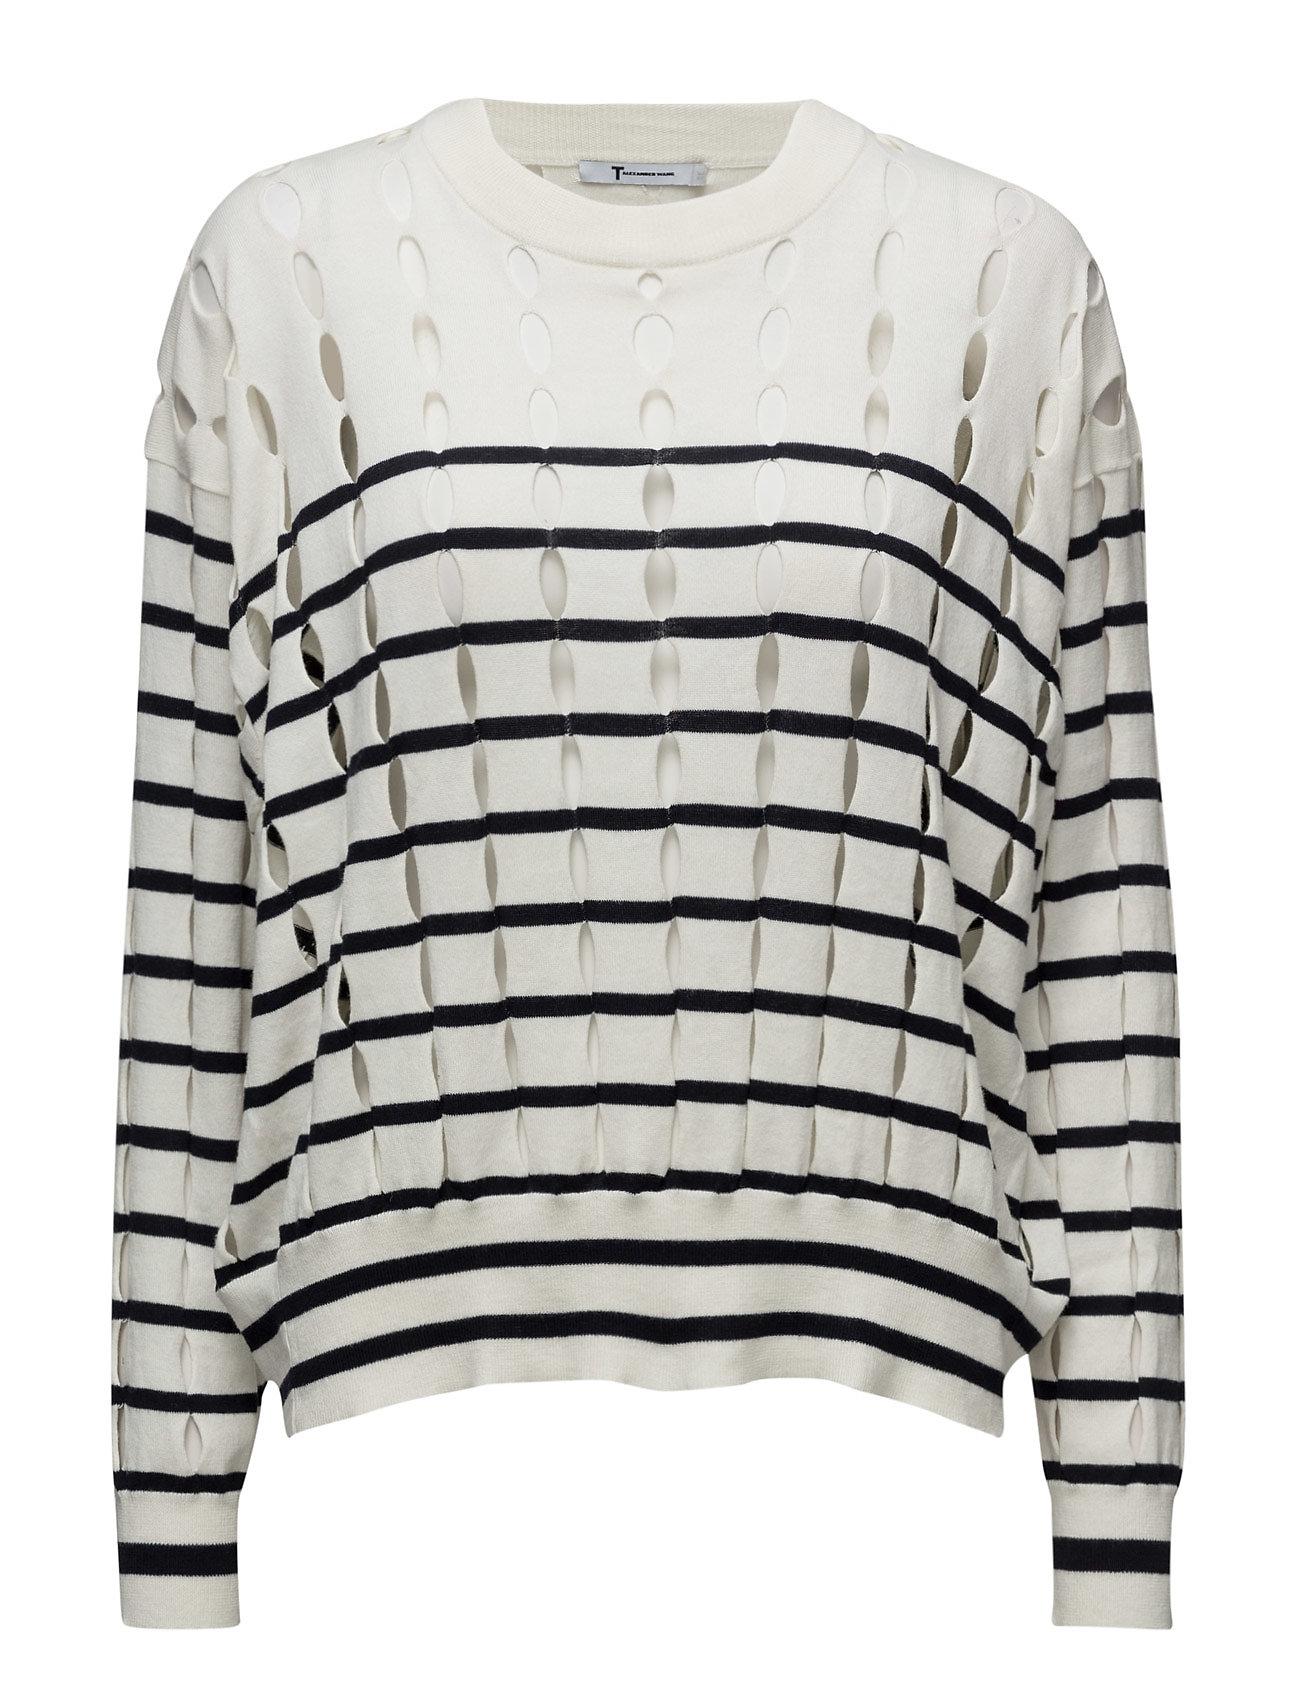 Stripe Cotton Crewneck Pullover With Slits T by Alexander Wang Striktøj til Kvinder i